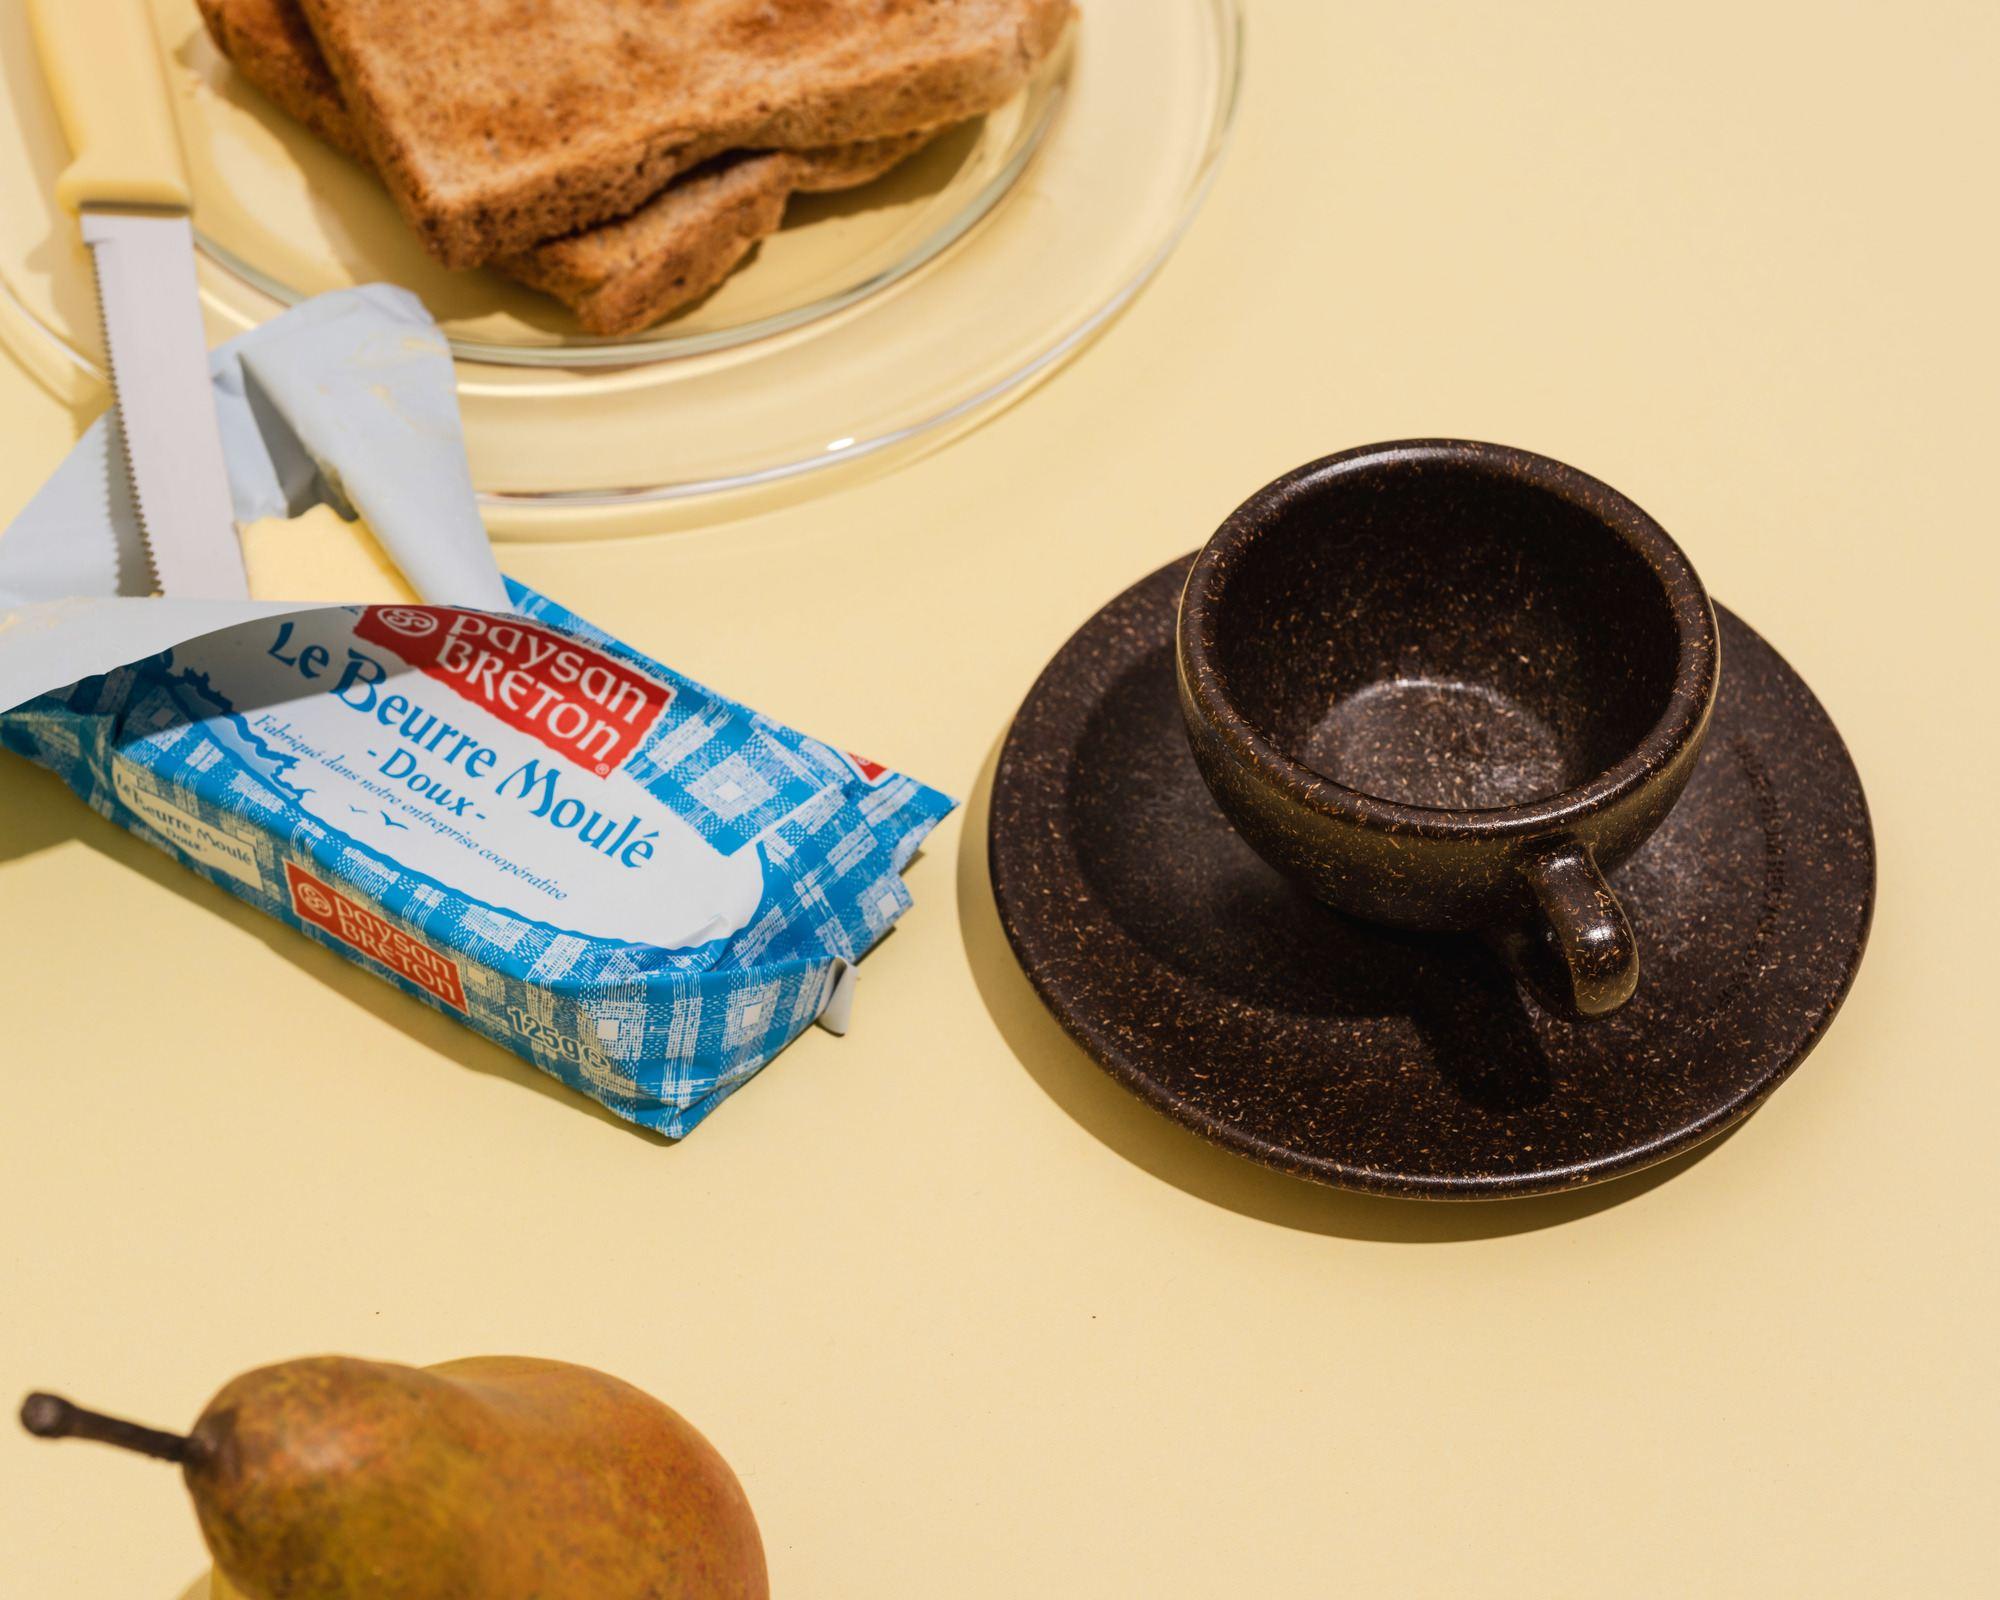 Kaffeeform Espresso Cup aus Kaffeesatz zum Frühstück mit Butter, Toast und Obst